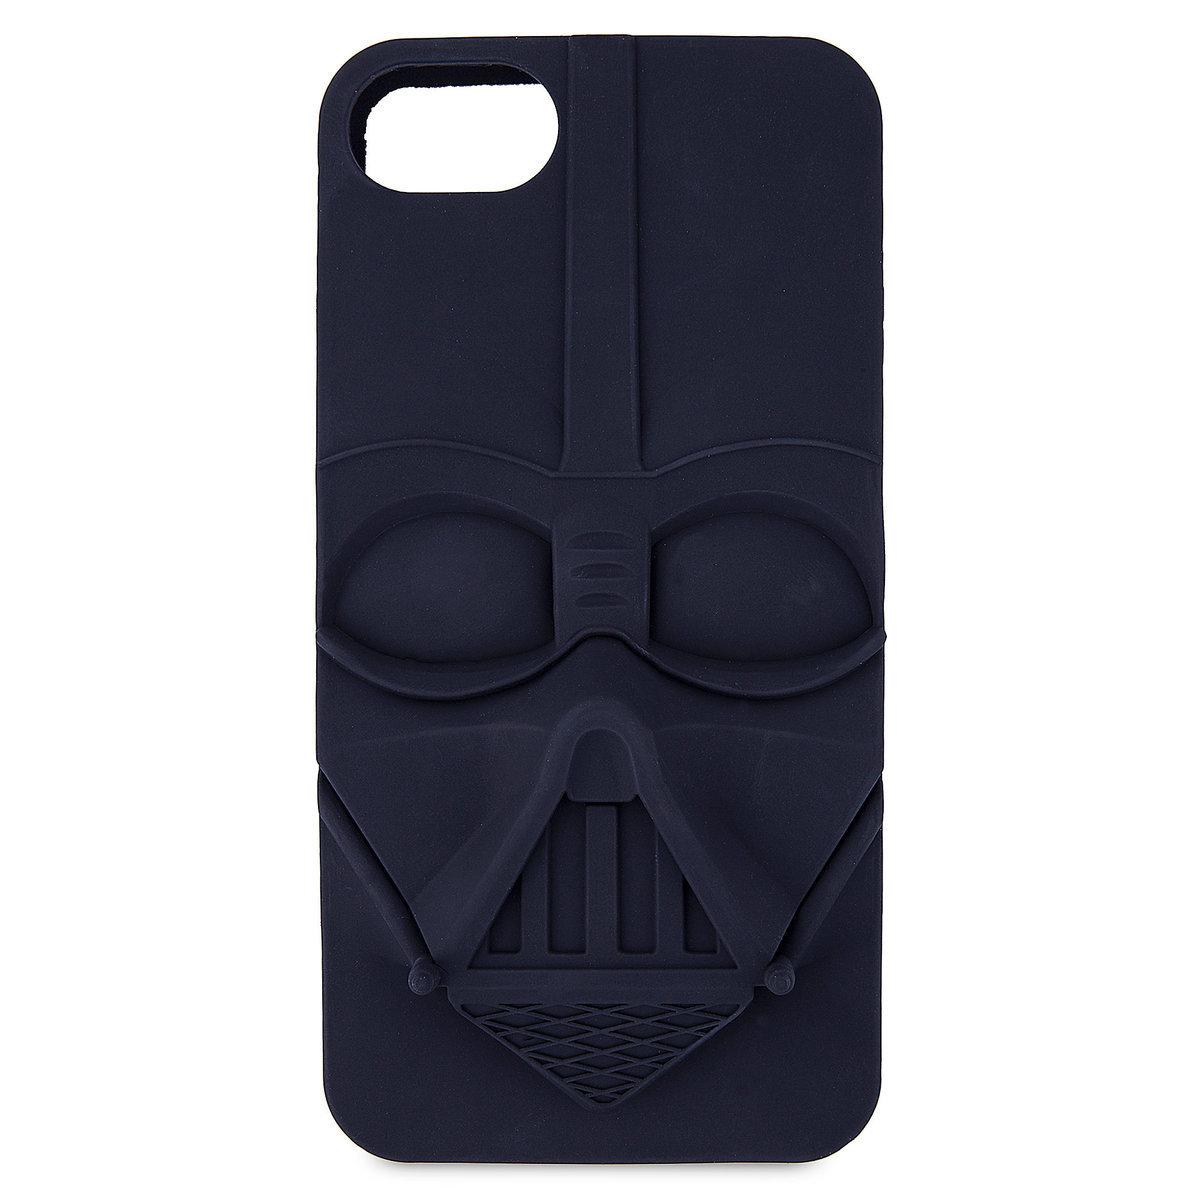 size 40 e46e6 8d17f Disney iPhone 7/6/6S Case - Darth Vader - Rubber